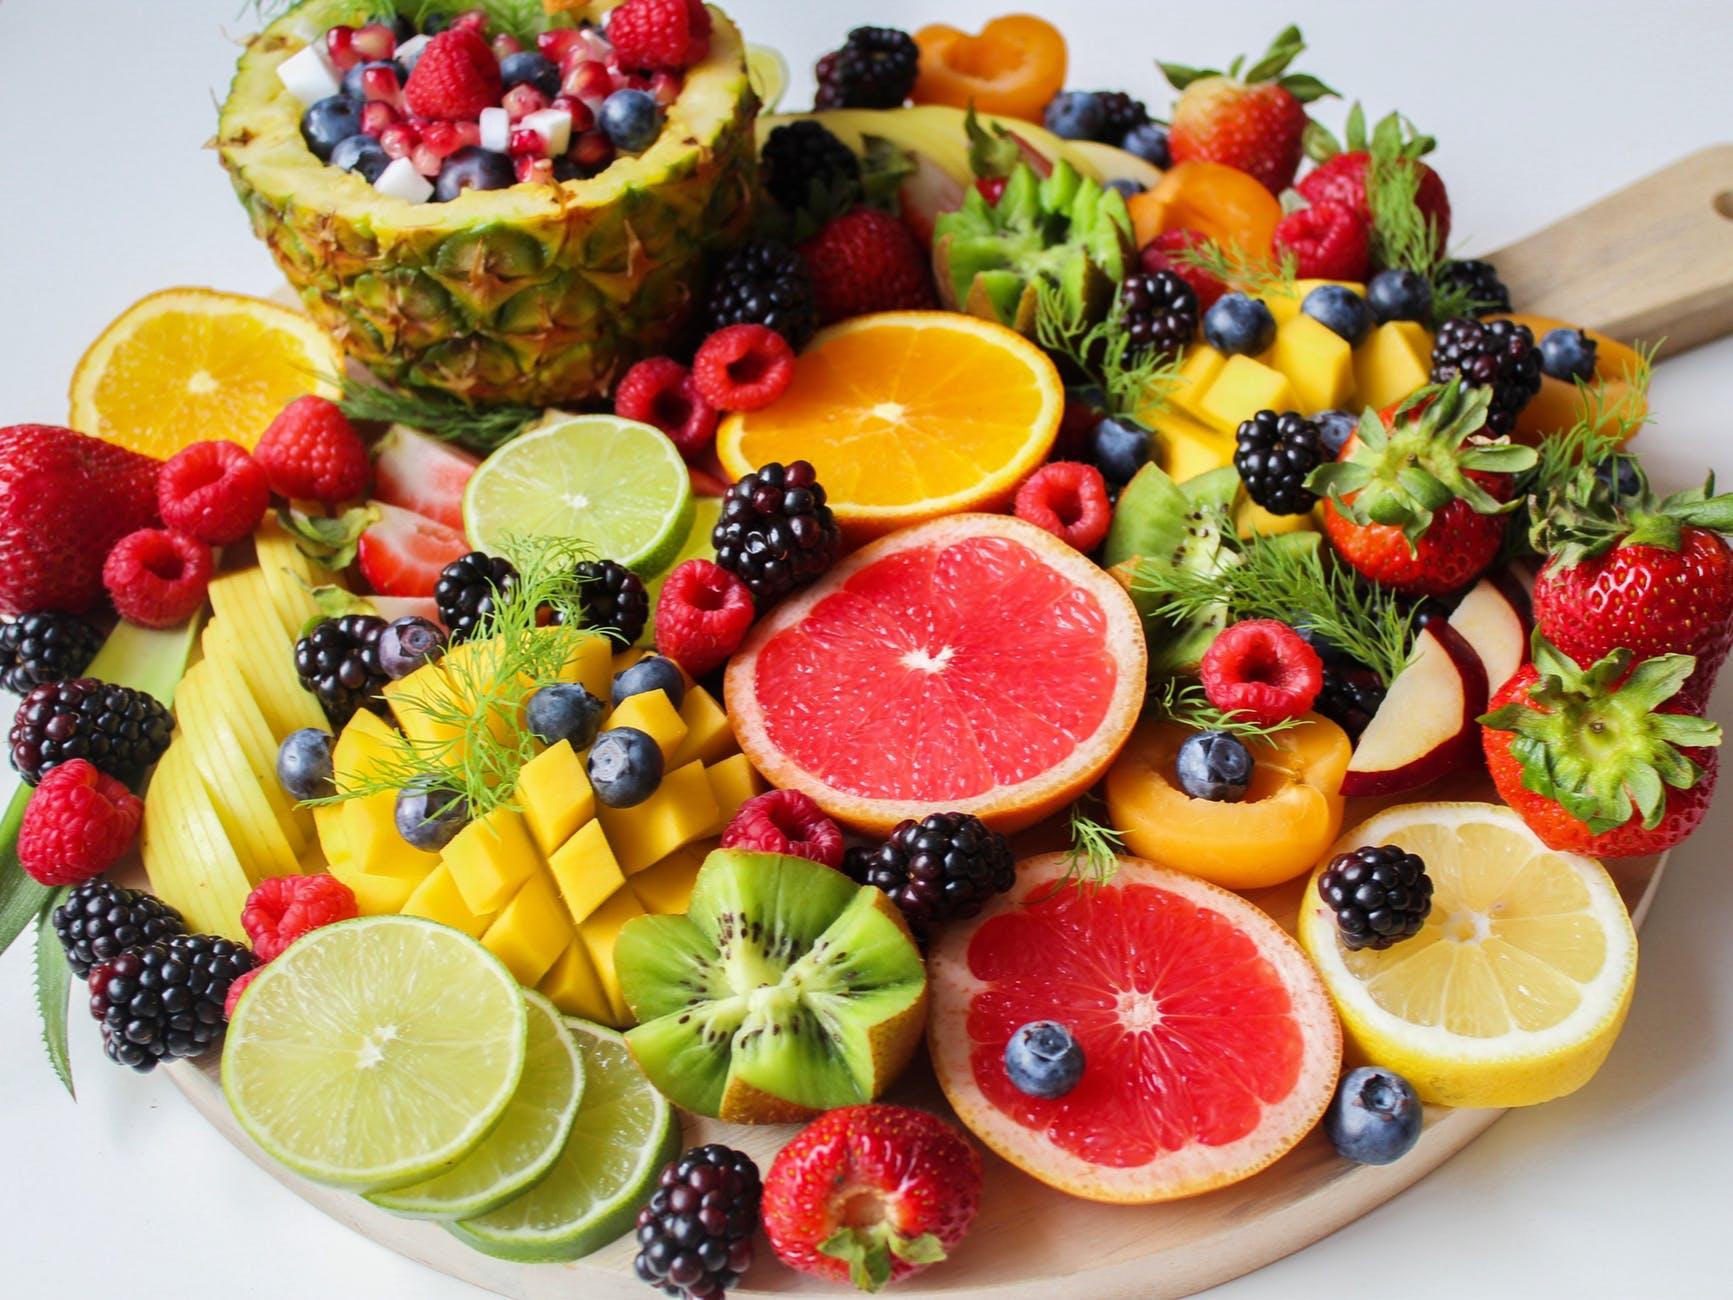 رجيم الفواكه والخضار كم ينزل